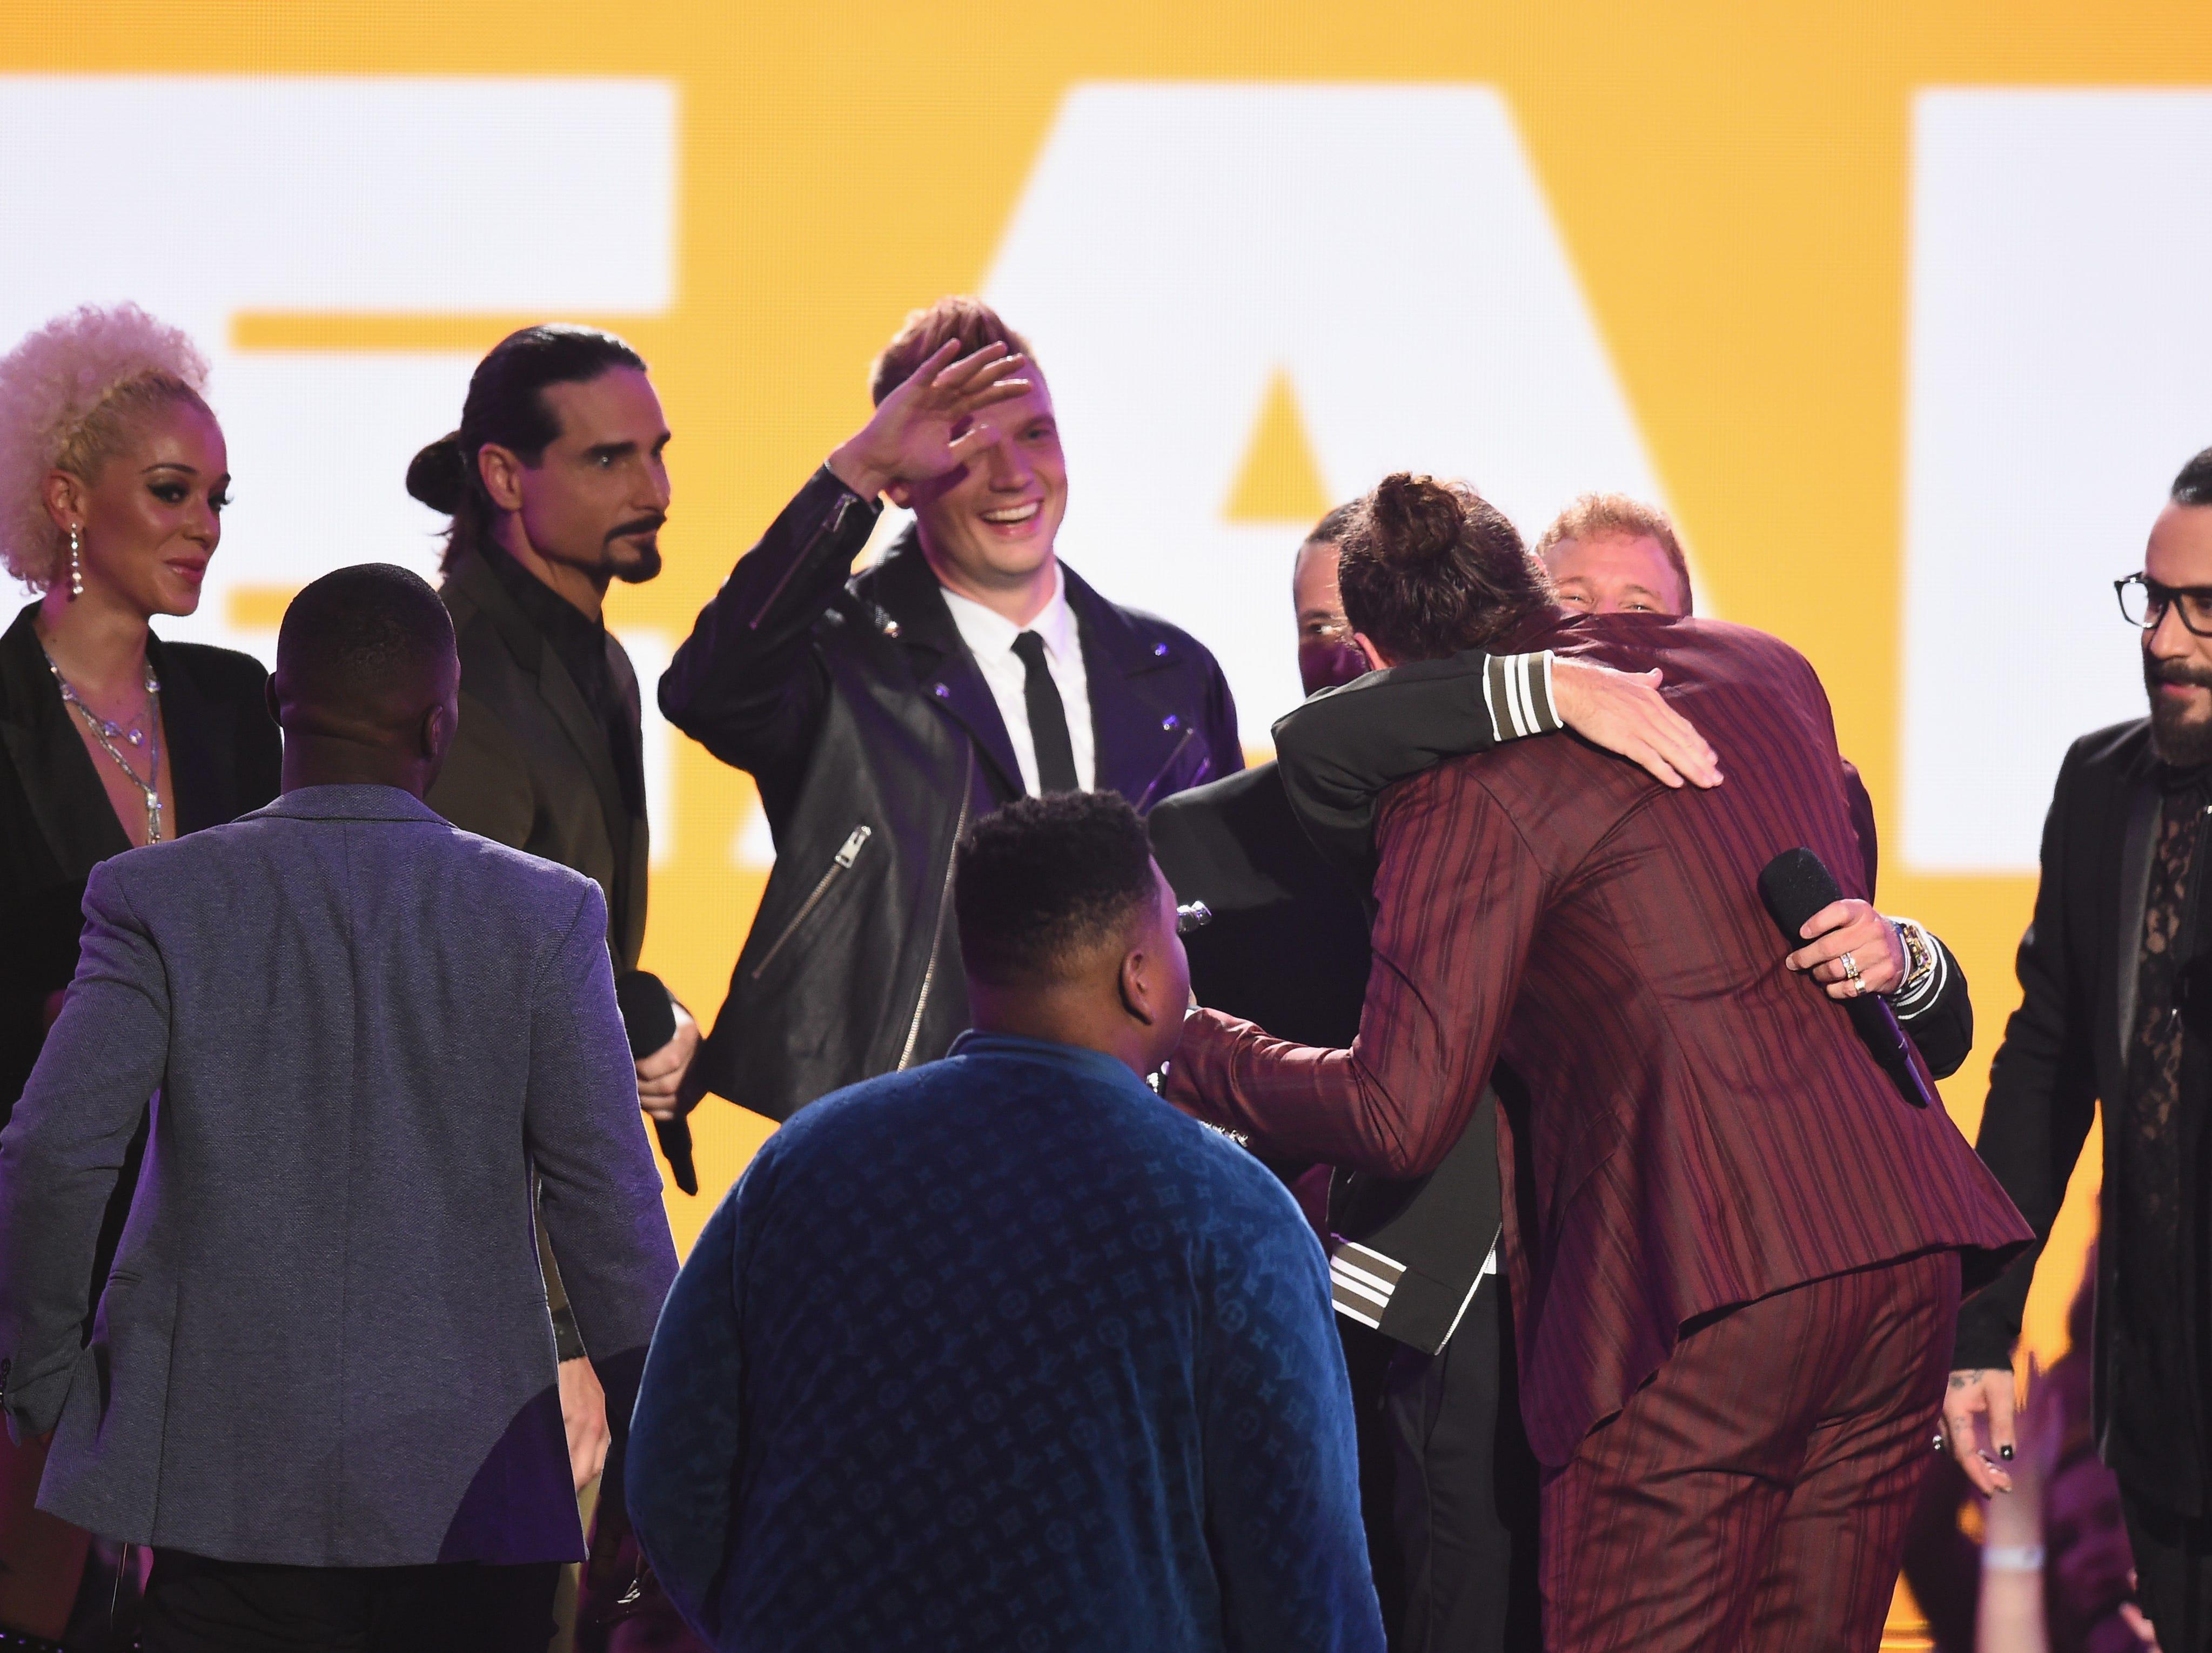 Post Malone acepta un premio de los chicos de la calle secundaria en el escenario durante los MTV Video Music Awards 2018 en el Radio City Music Hall el 20 de agosto de 2018 en la ciudad de Nueva York.